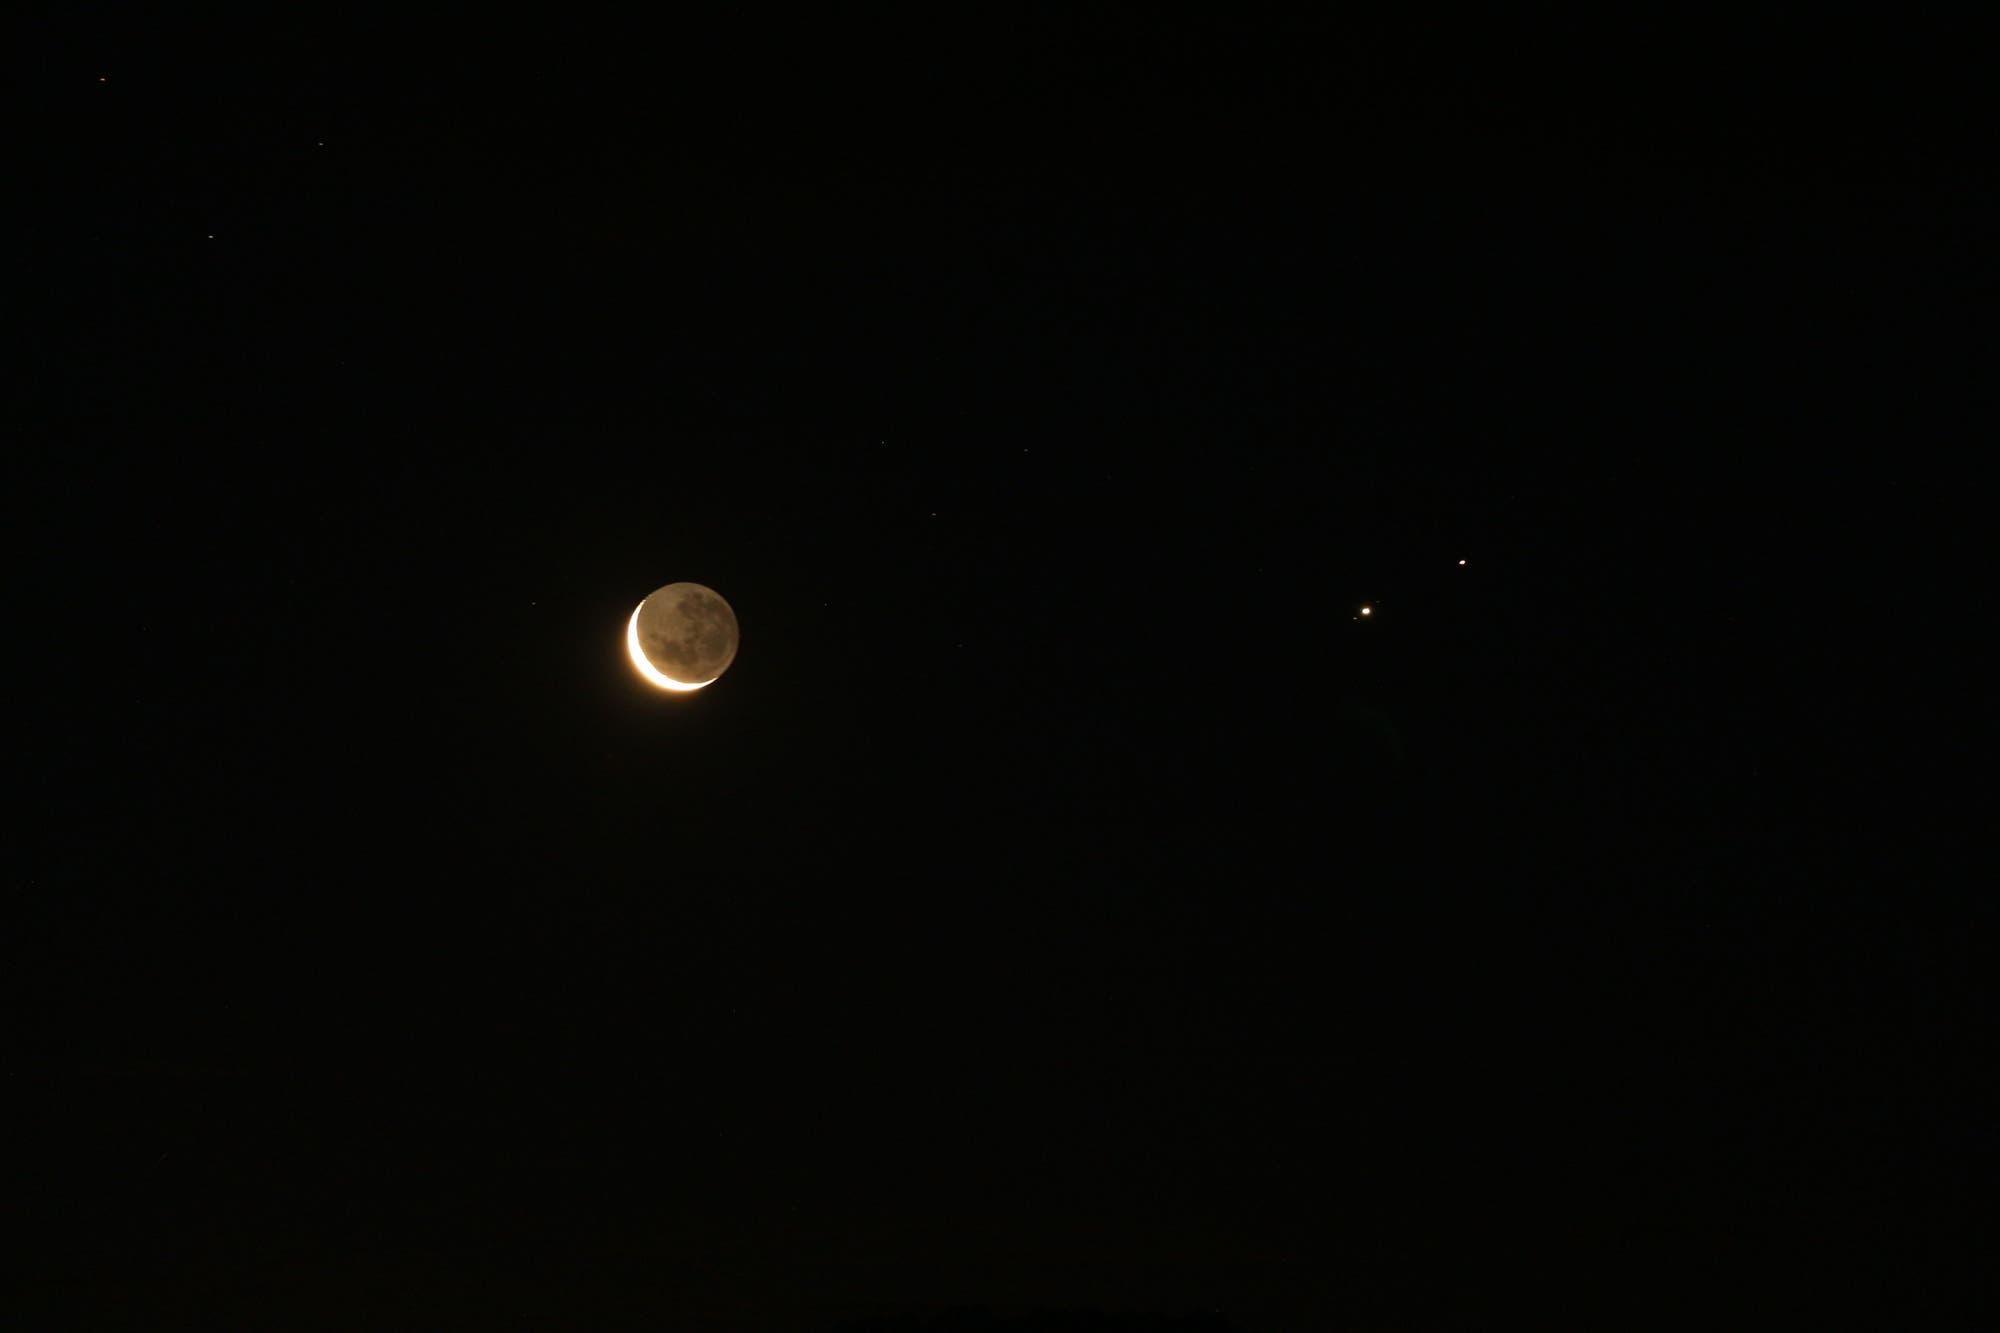 Mond, Jupiter und Saturn am 17. Dezember 2020 - 2